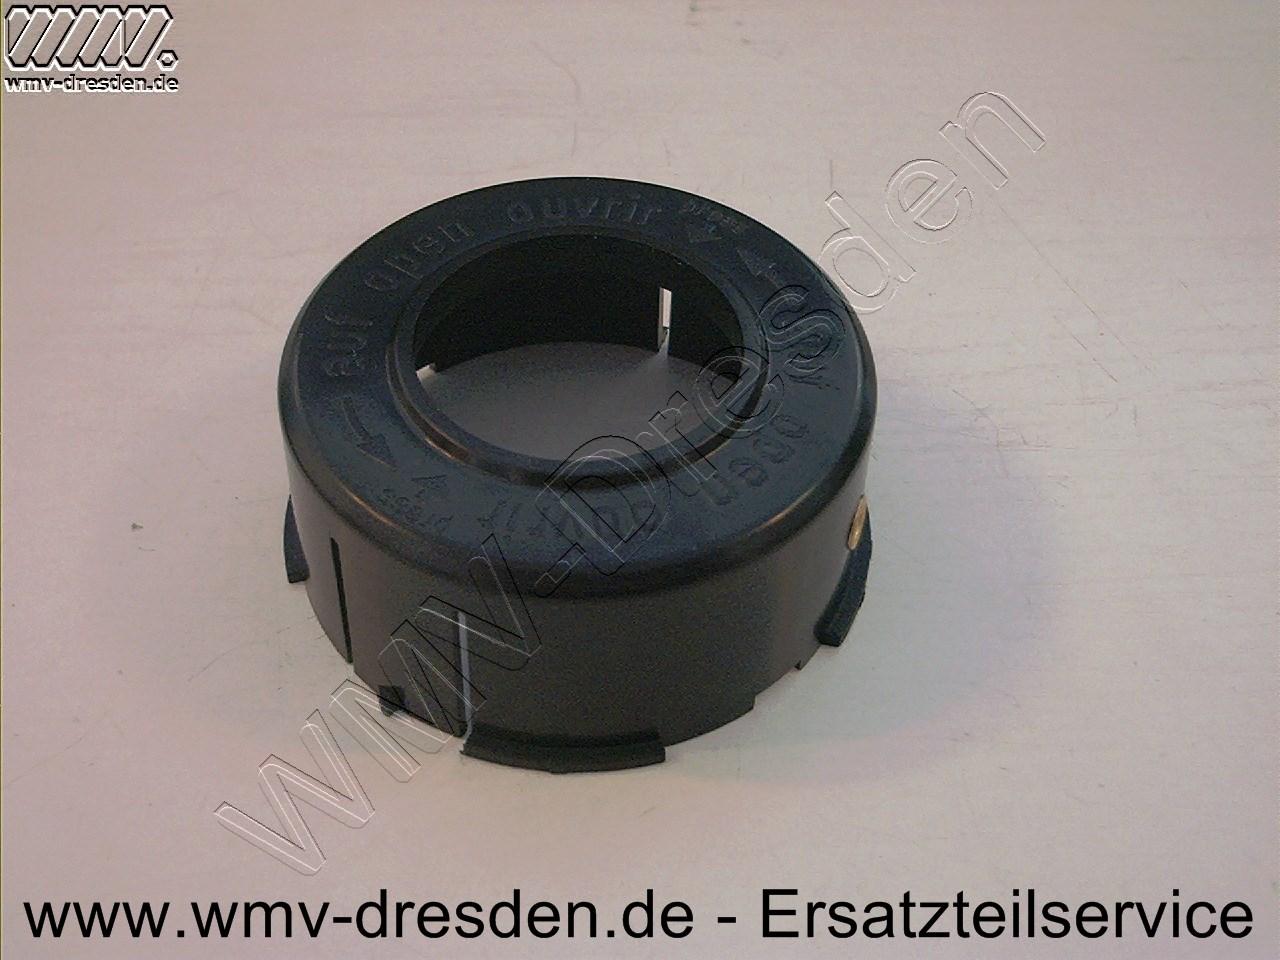 Fadenspulenabdeckung mit Fadenaustrittöse, 70mm Außendurchmesser